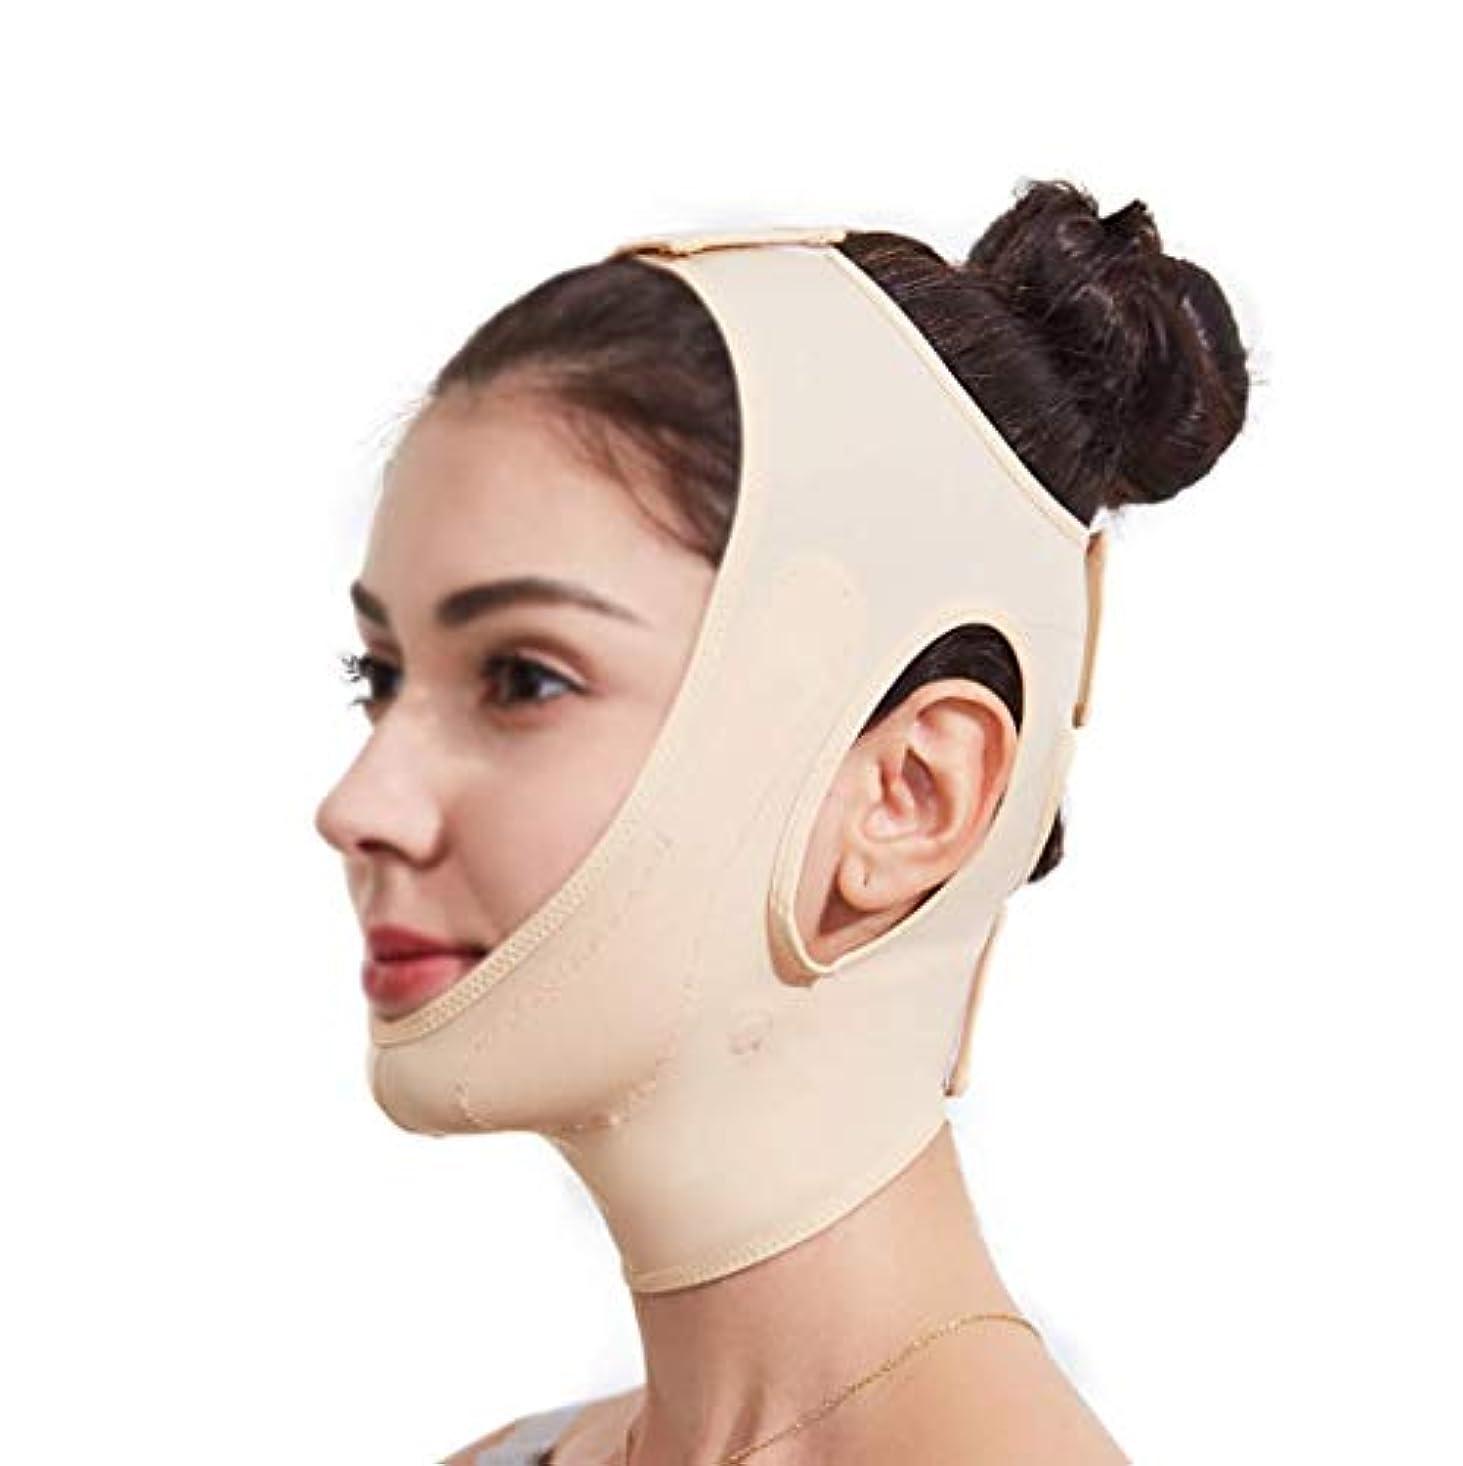 シンカン中古ラジウムフェイスリフティングマスク、360°オールラウンドリフティングフェイシャルコンター、あごを閉じて肌を引き締め、快適でフェイスライトをサポートし、通気性を保ちます(サイズ:ブラック),肌の色